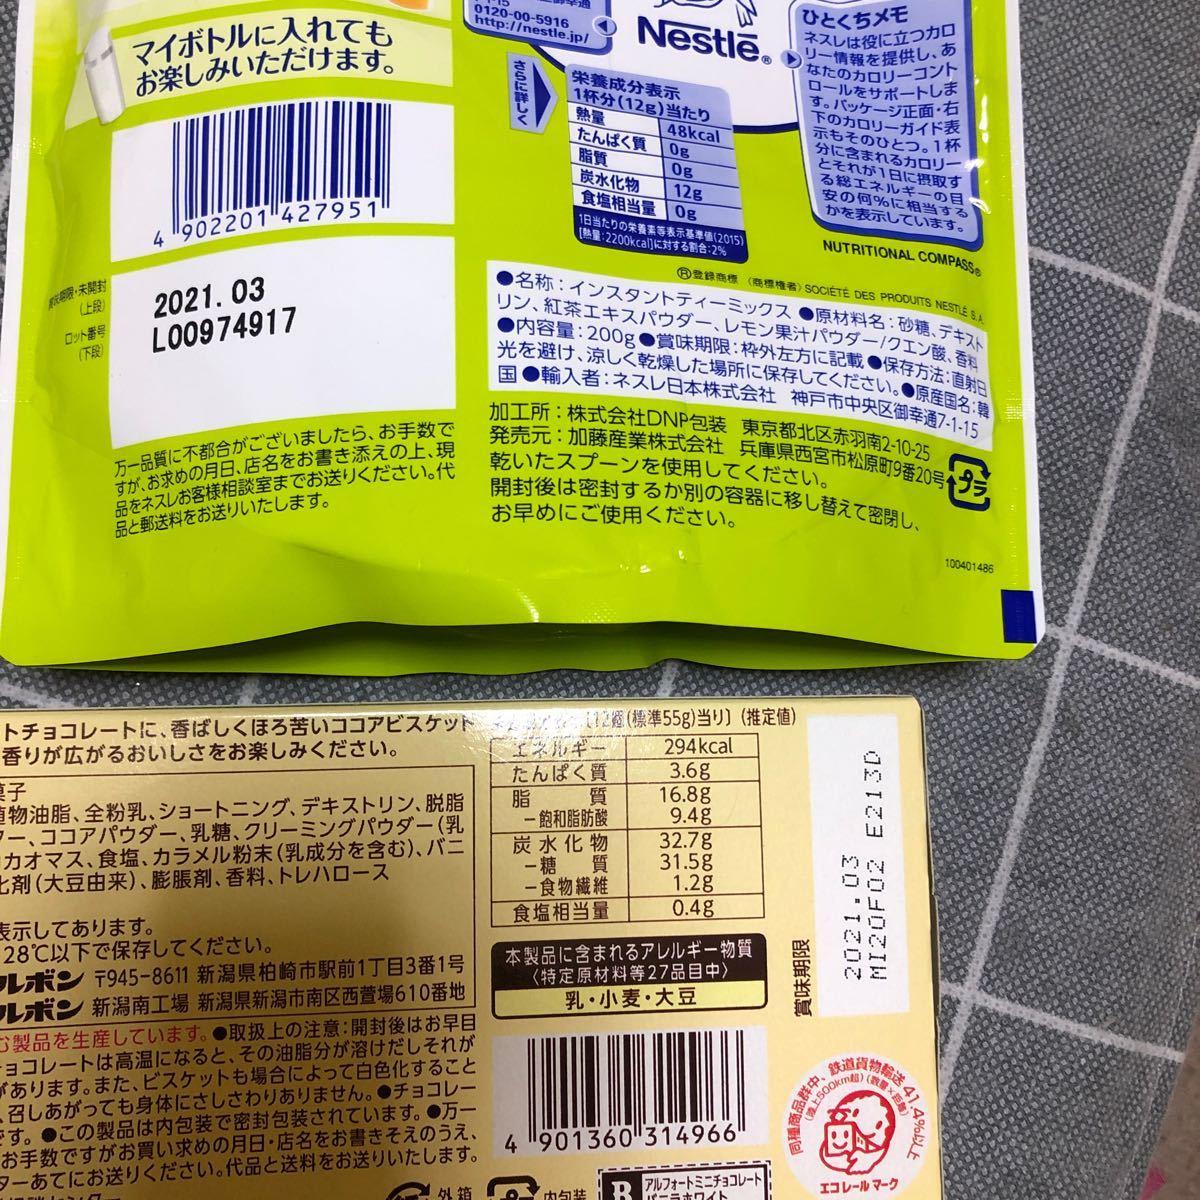 紅茶 ネスレ ネスティ レモン 200g  一袋とアルフォートバニラホワイト1箱